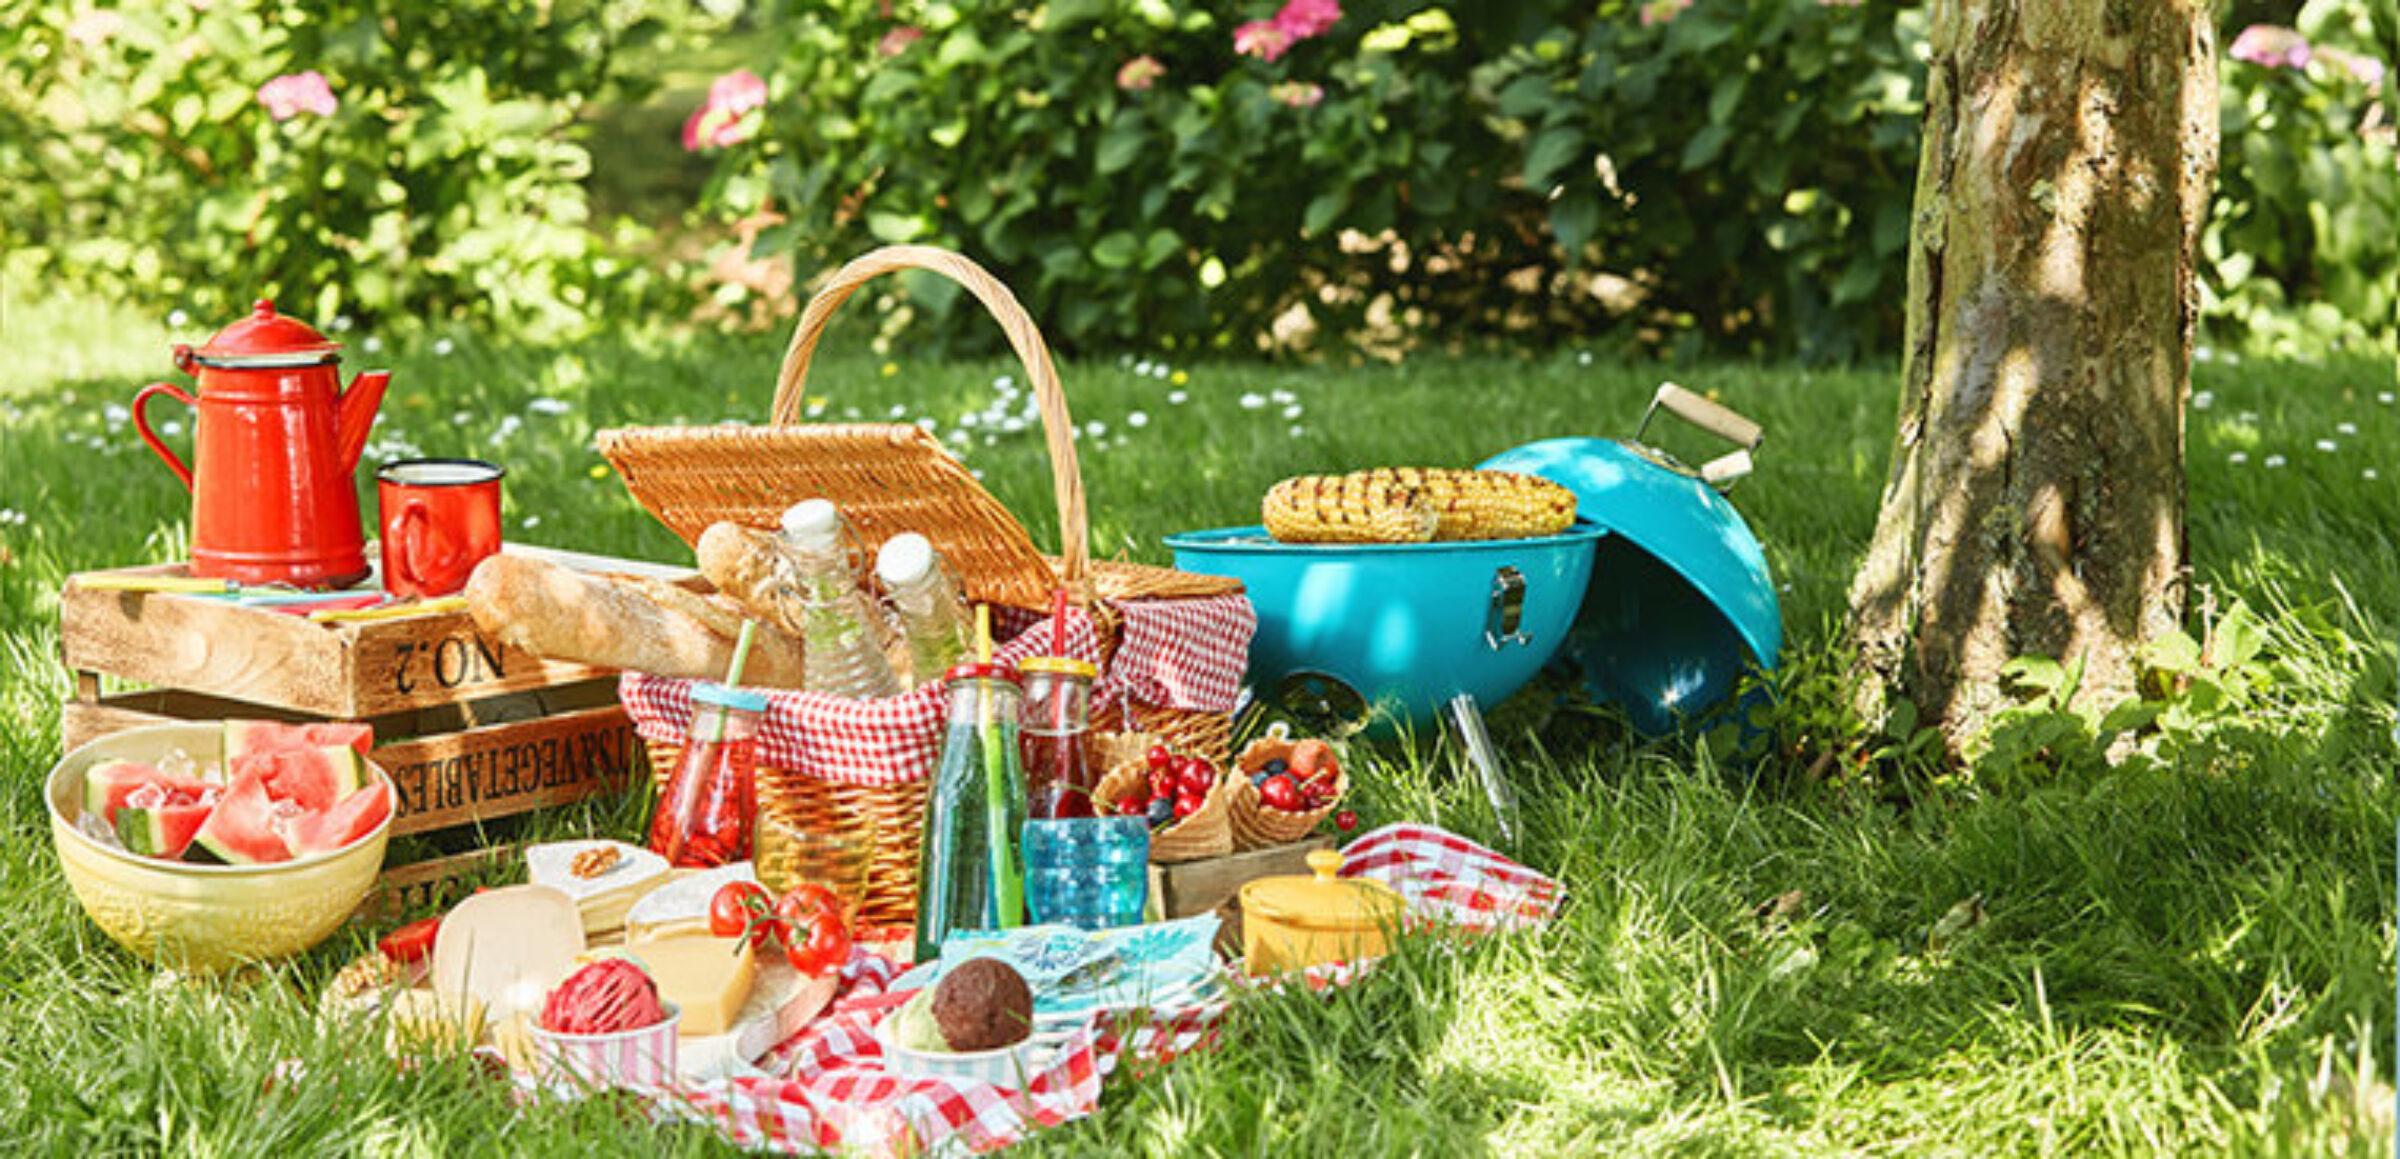 Oaks picknickbox